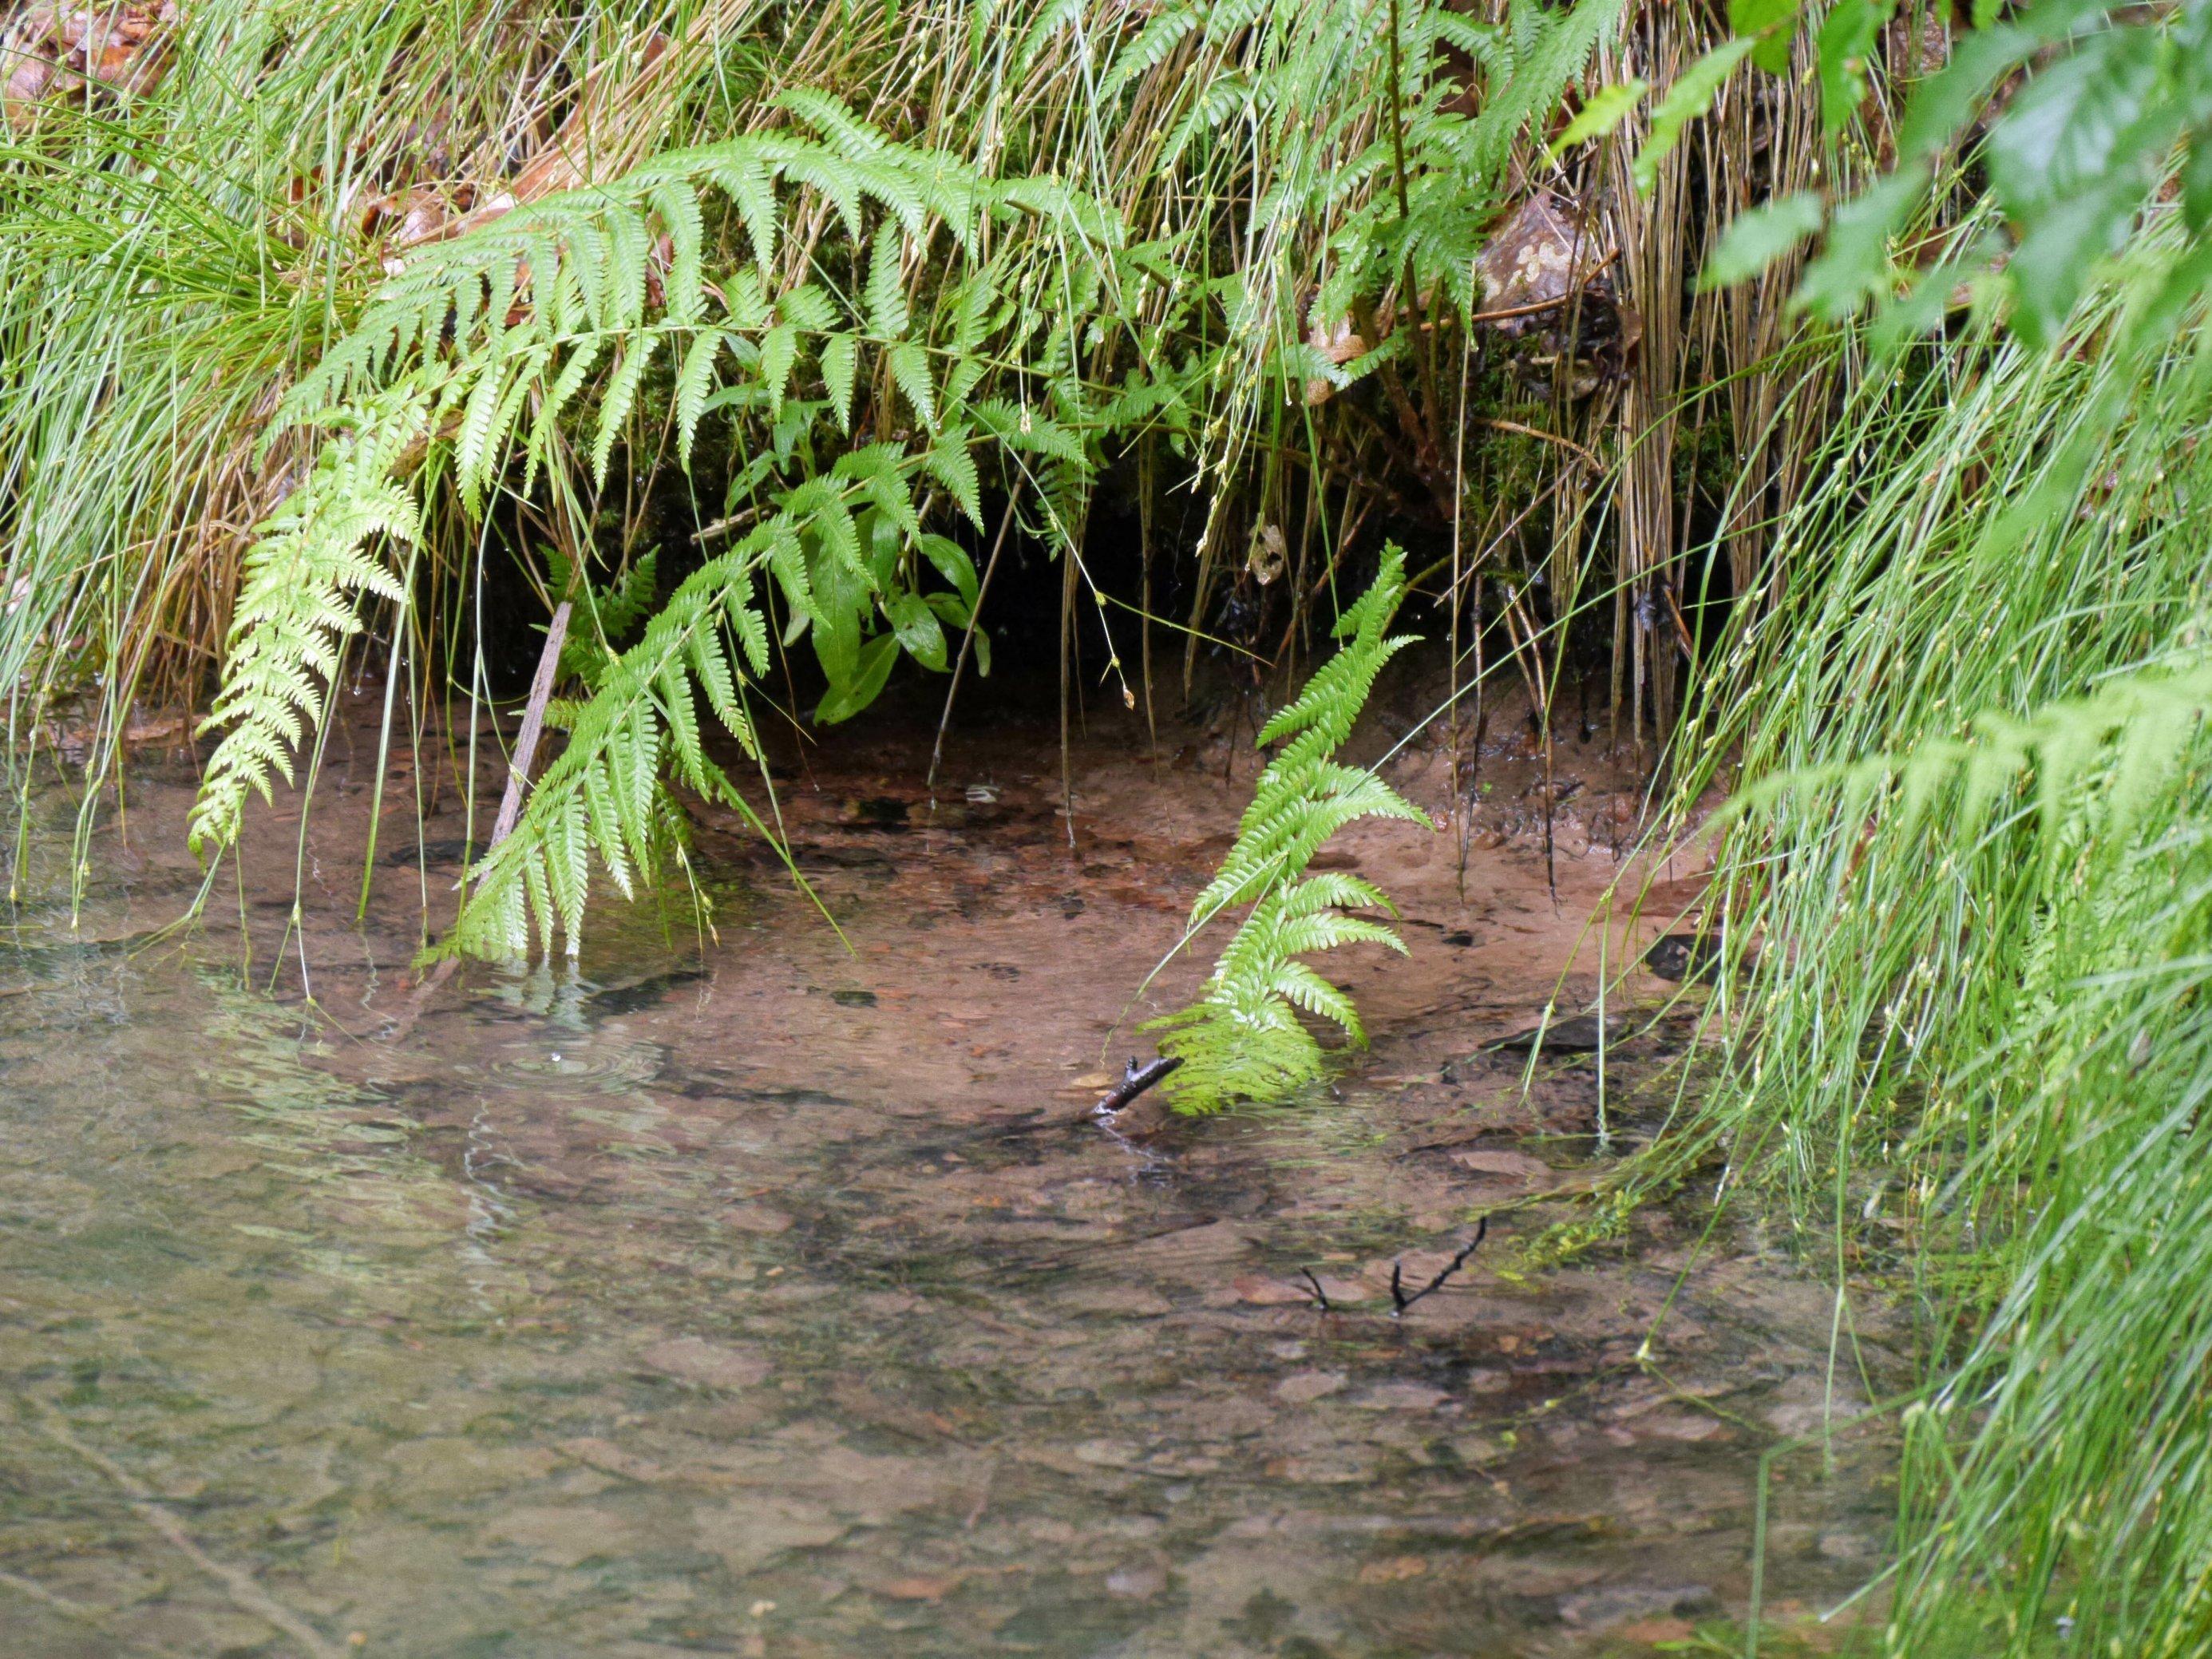 Wasser quillt in einen Teich mit rotem Sandboden, am Ufer grüne Gras- und Farnpfllanzen